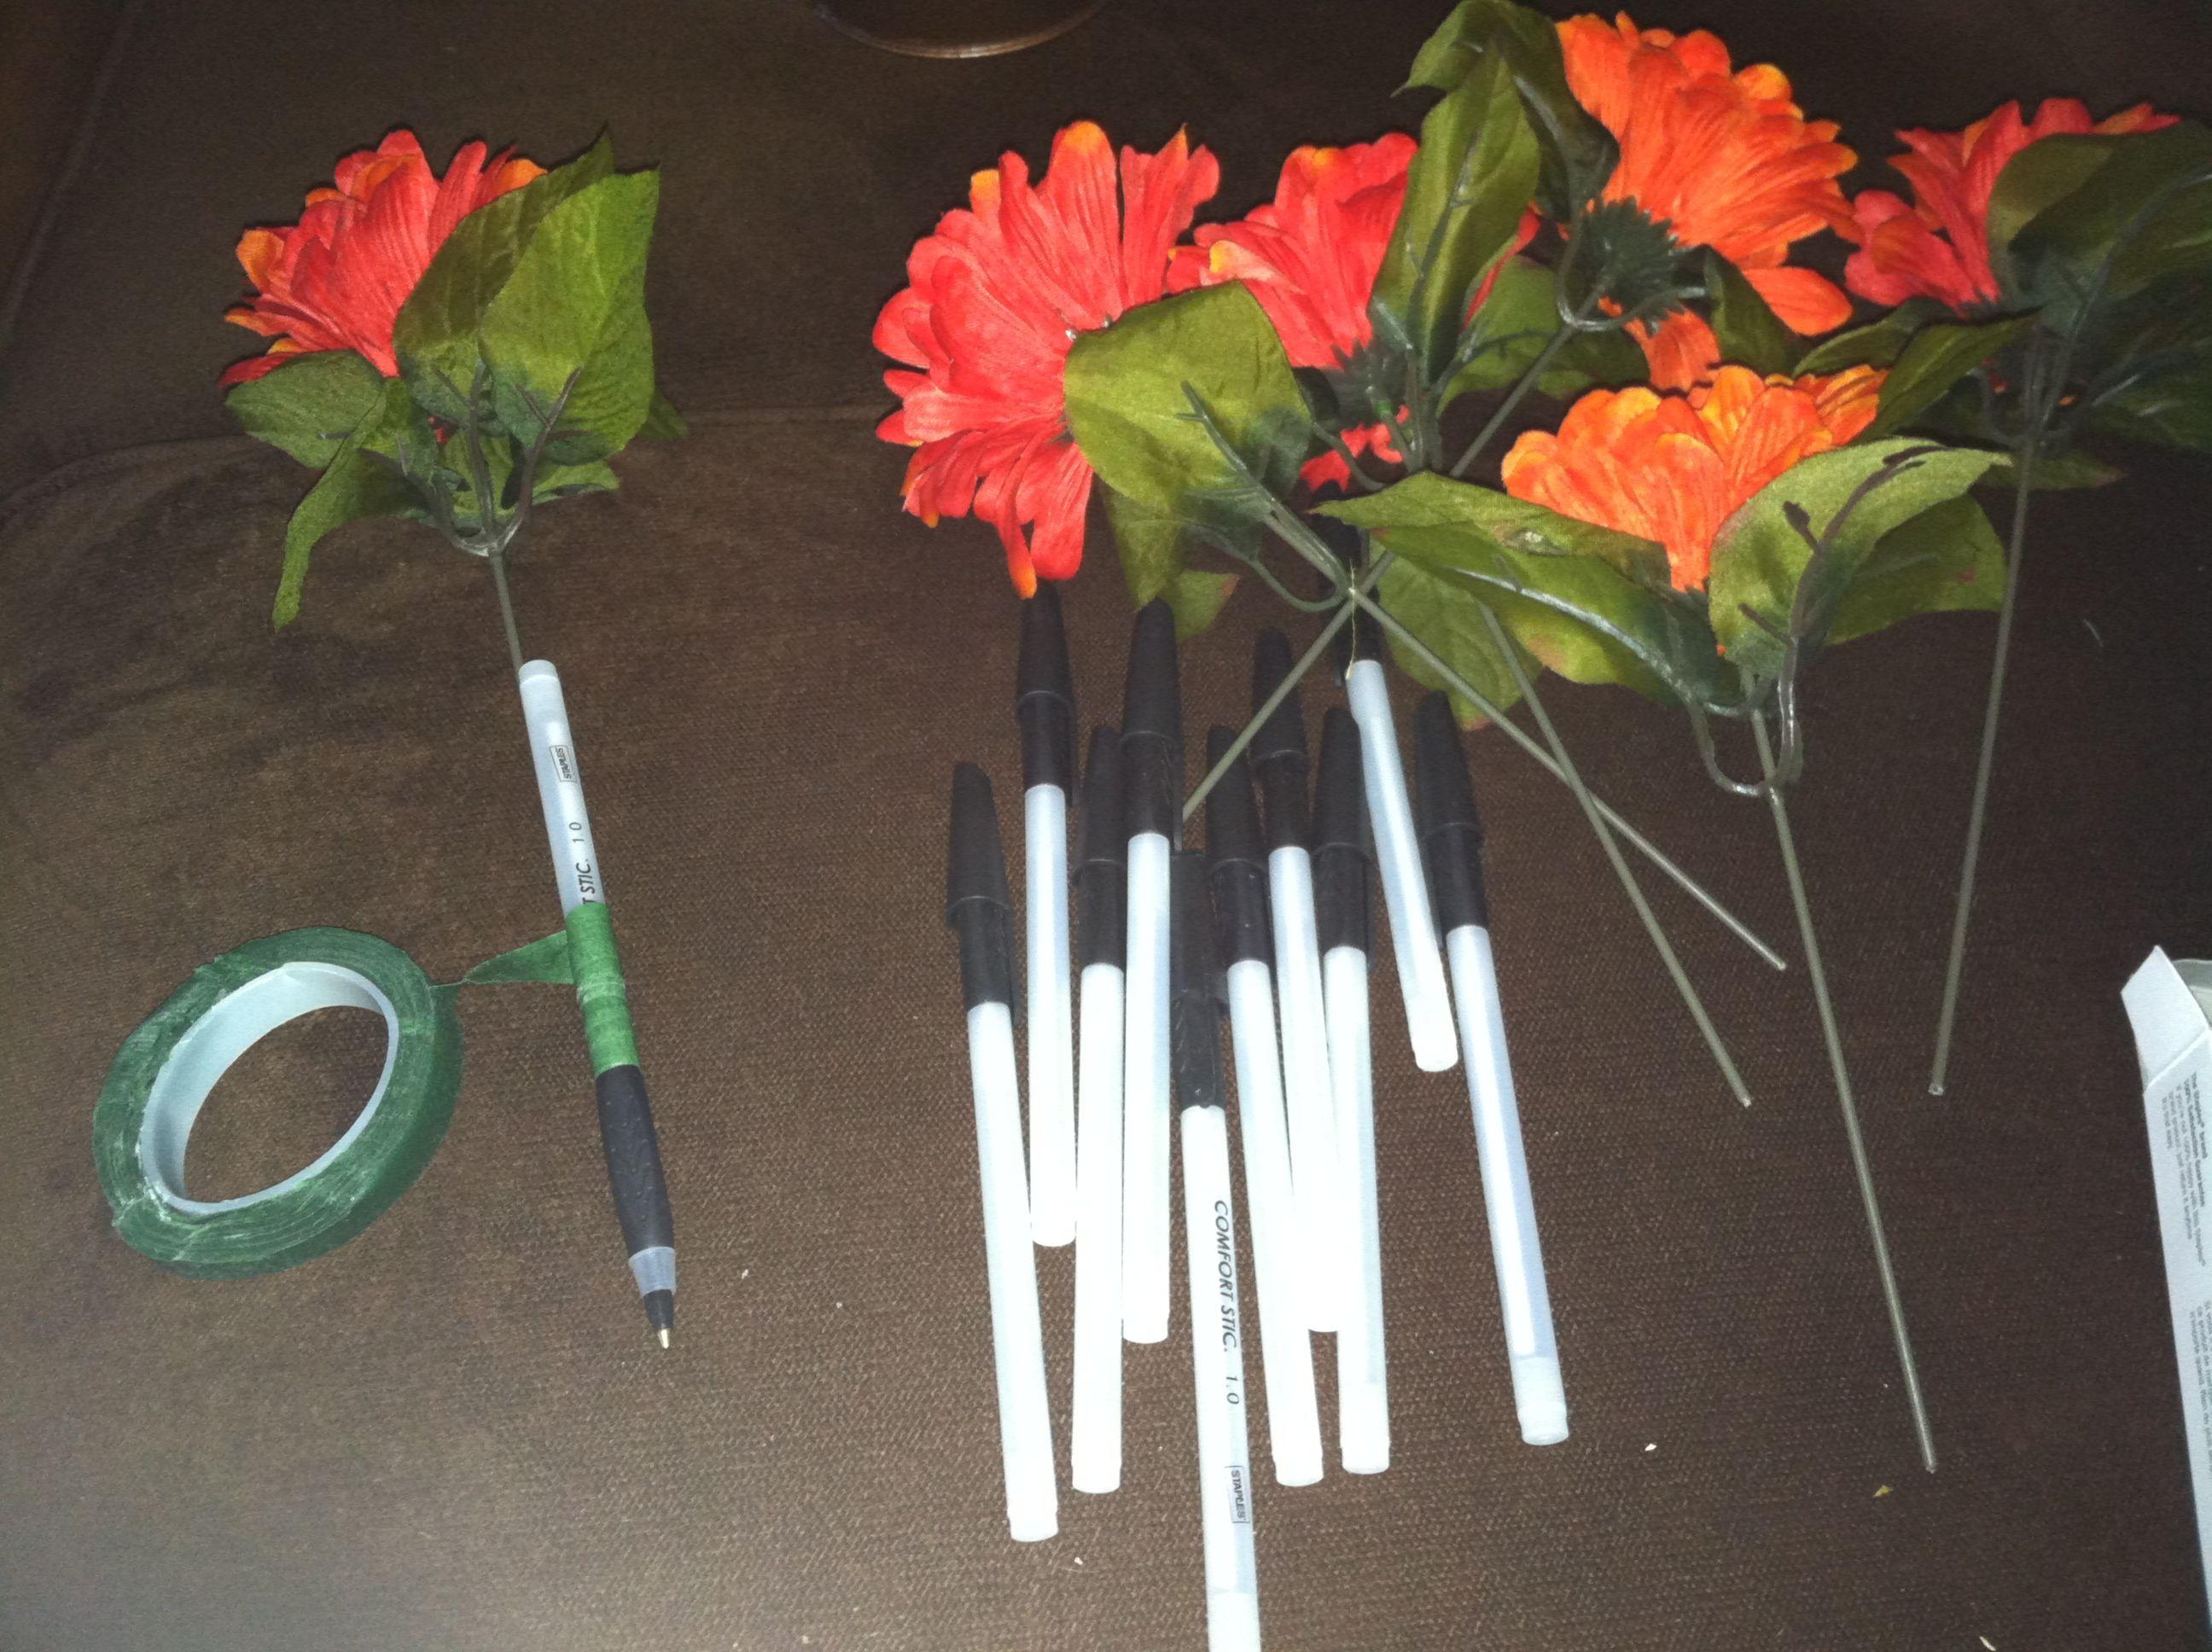 Diy Decorative Office Pens Office Idea Office Decor Decor Diy